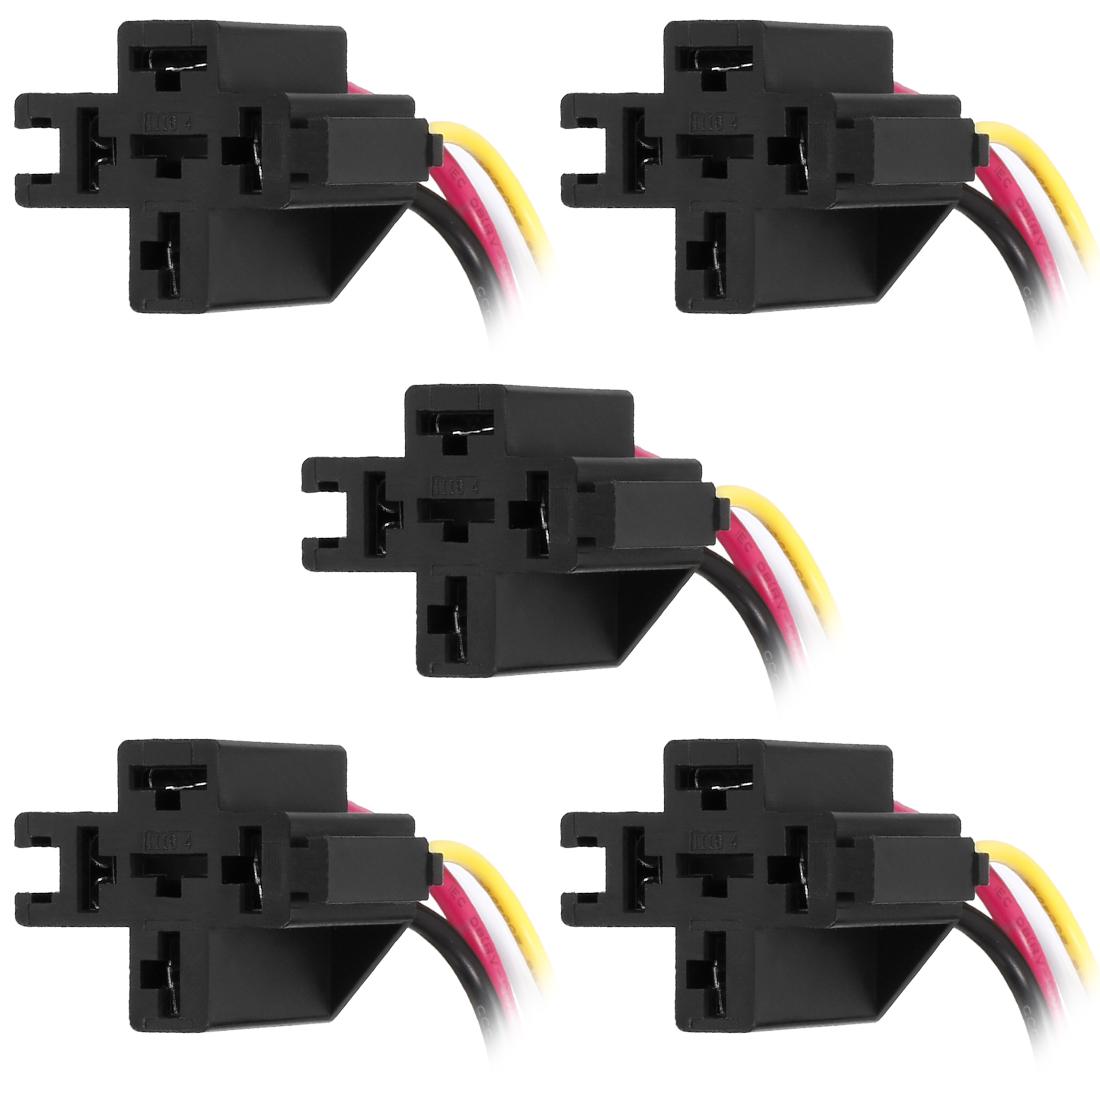 5pcs DC 12V/24V 40A 4 Terminals Relay Socket Harness Connector for Auto Car